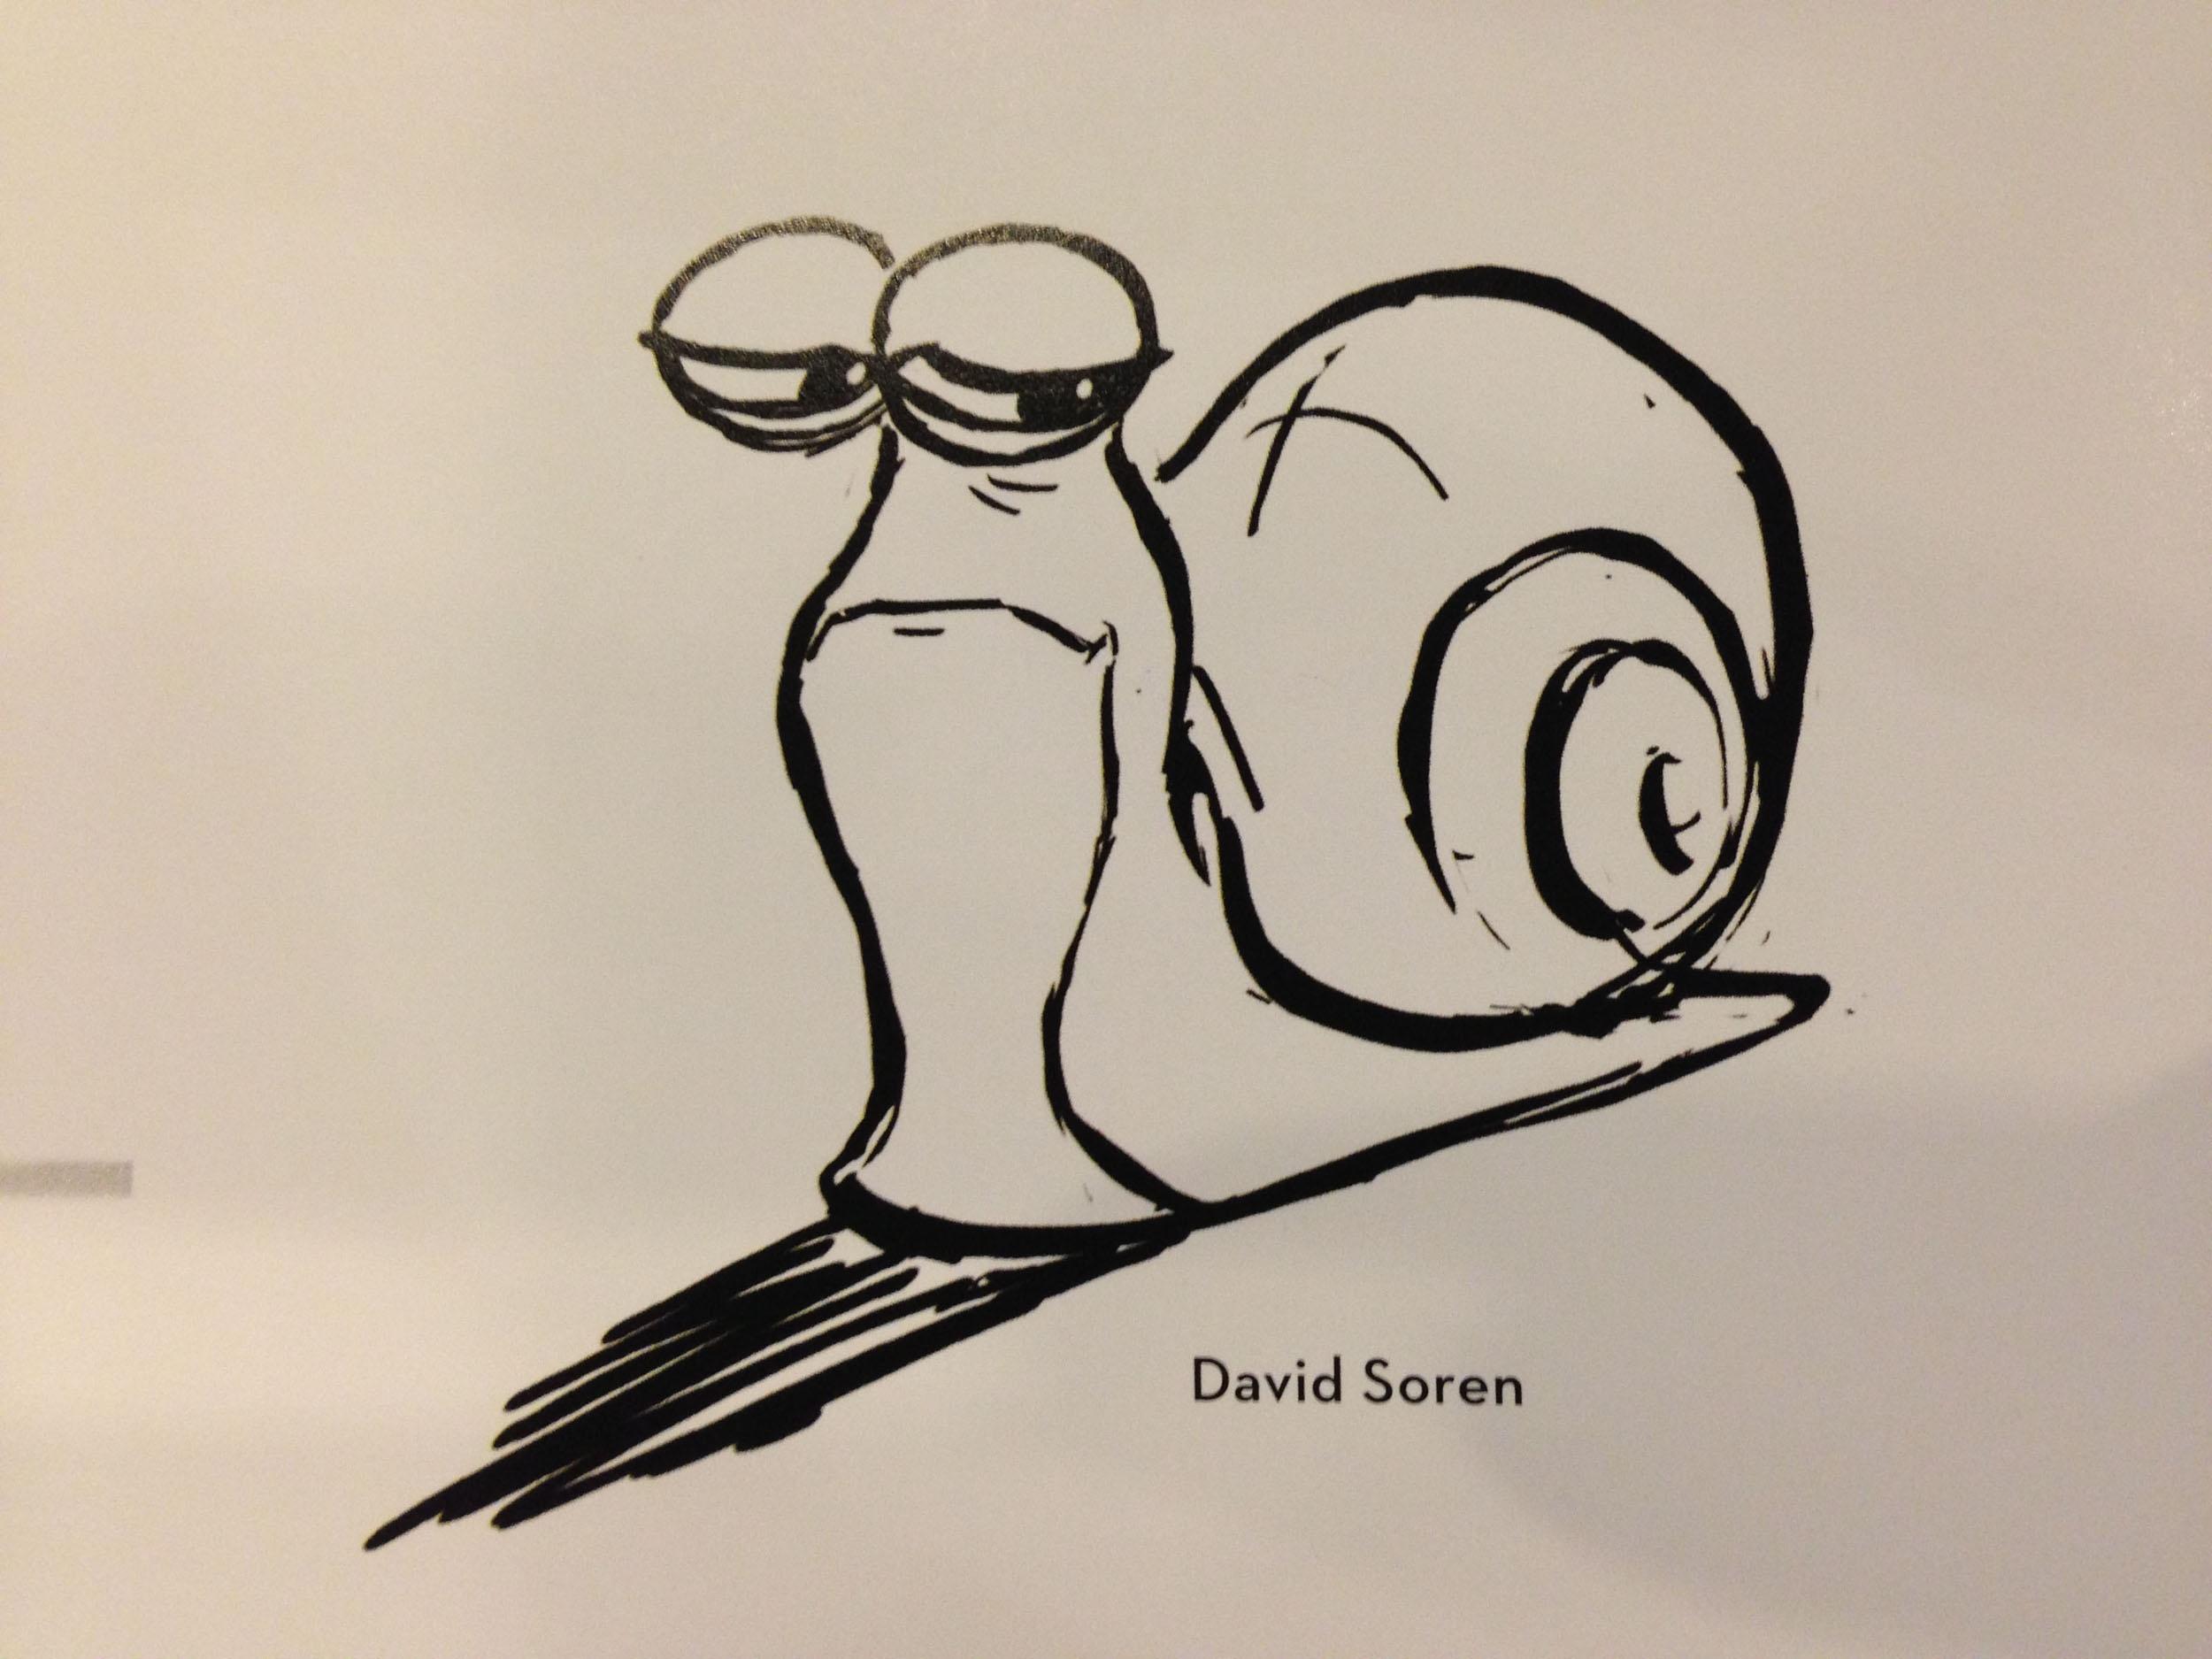 蜗牛手绘图片大全